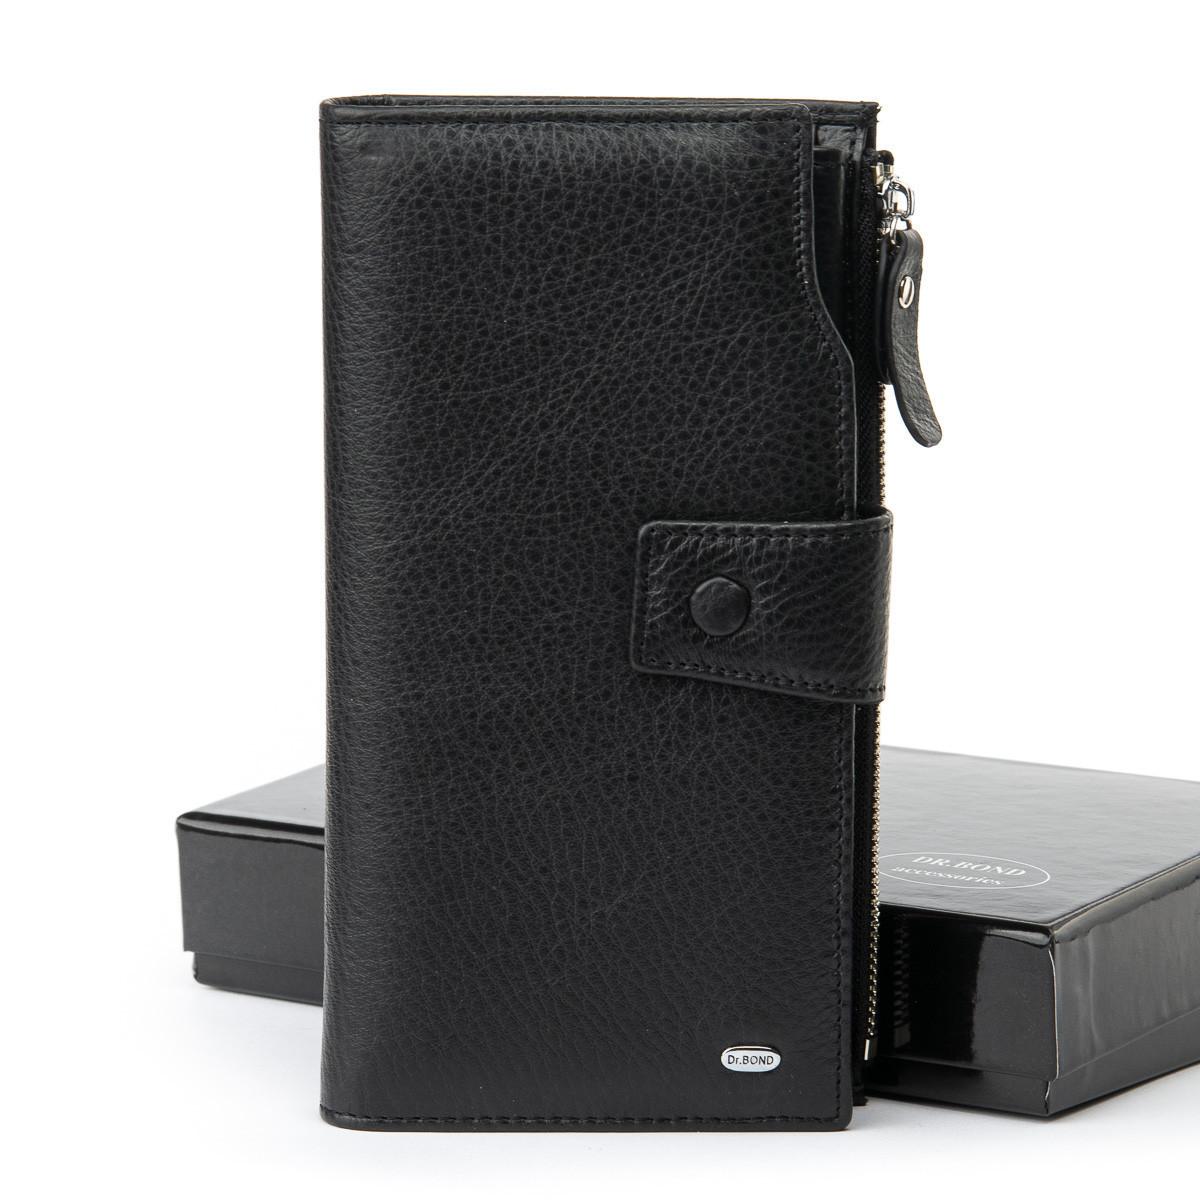 Кошелек портмоне из натуральной кожи DR. BOND черного цвета